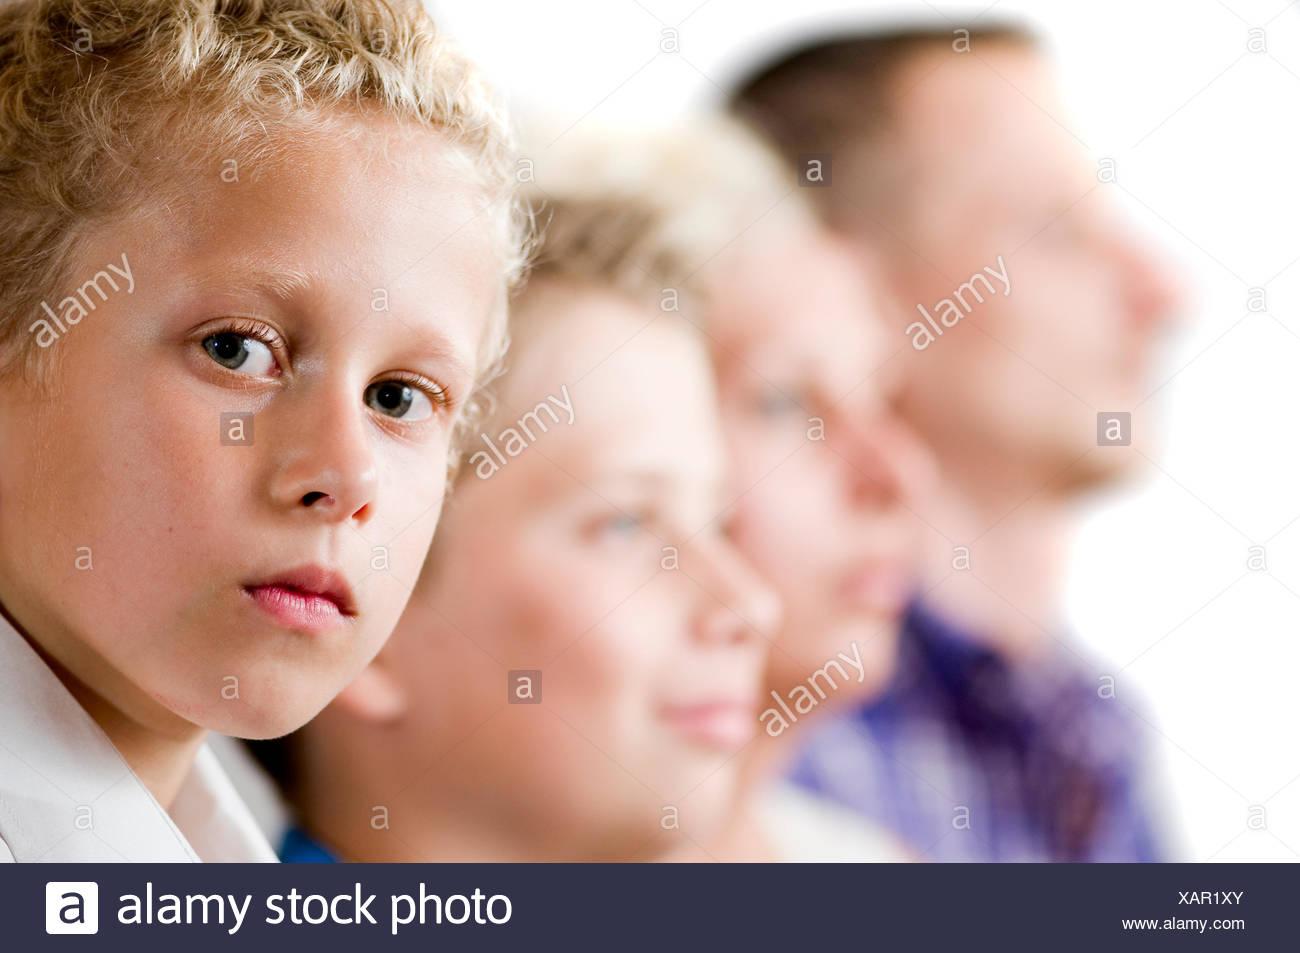 Seitenansicht einer Familie mit zwei halbwüchsigen Söhnen. Jüngster Sohn im Fokus blickt ernst in die Kamera. - Stock Image